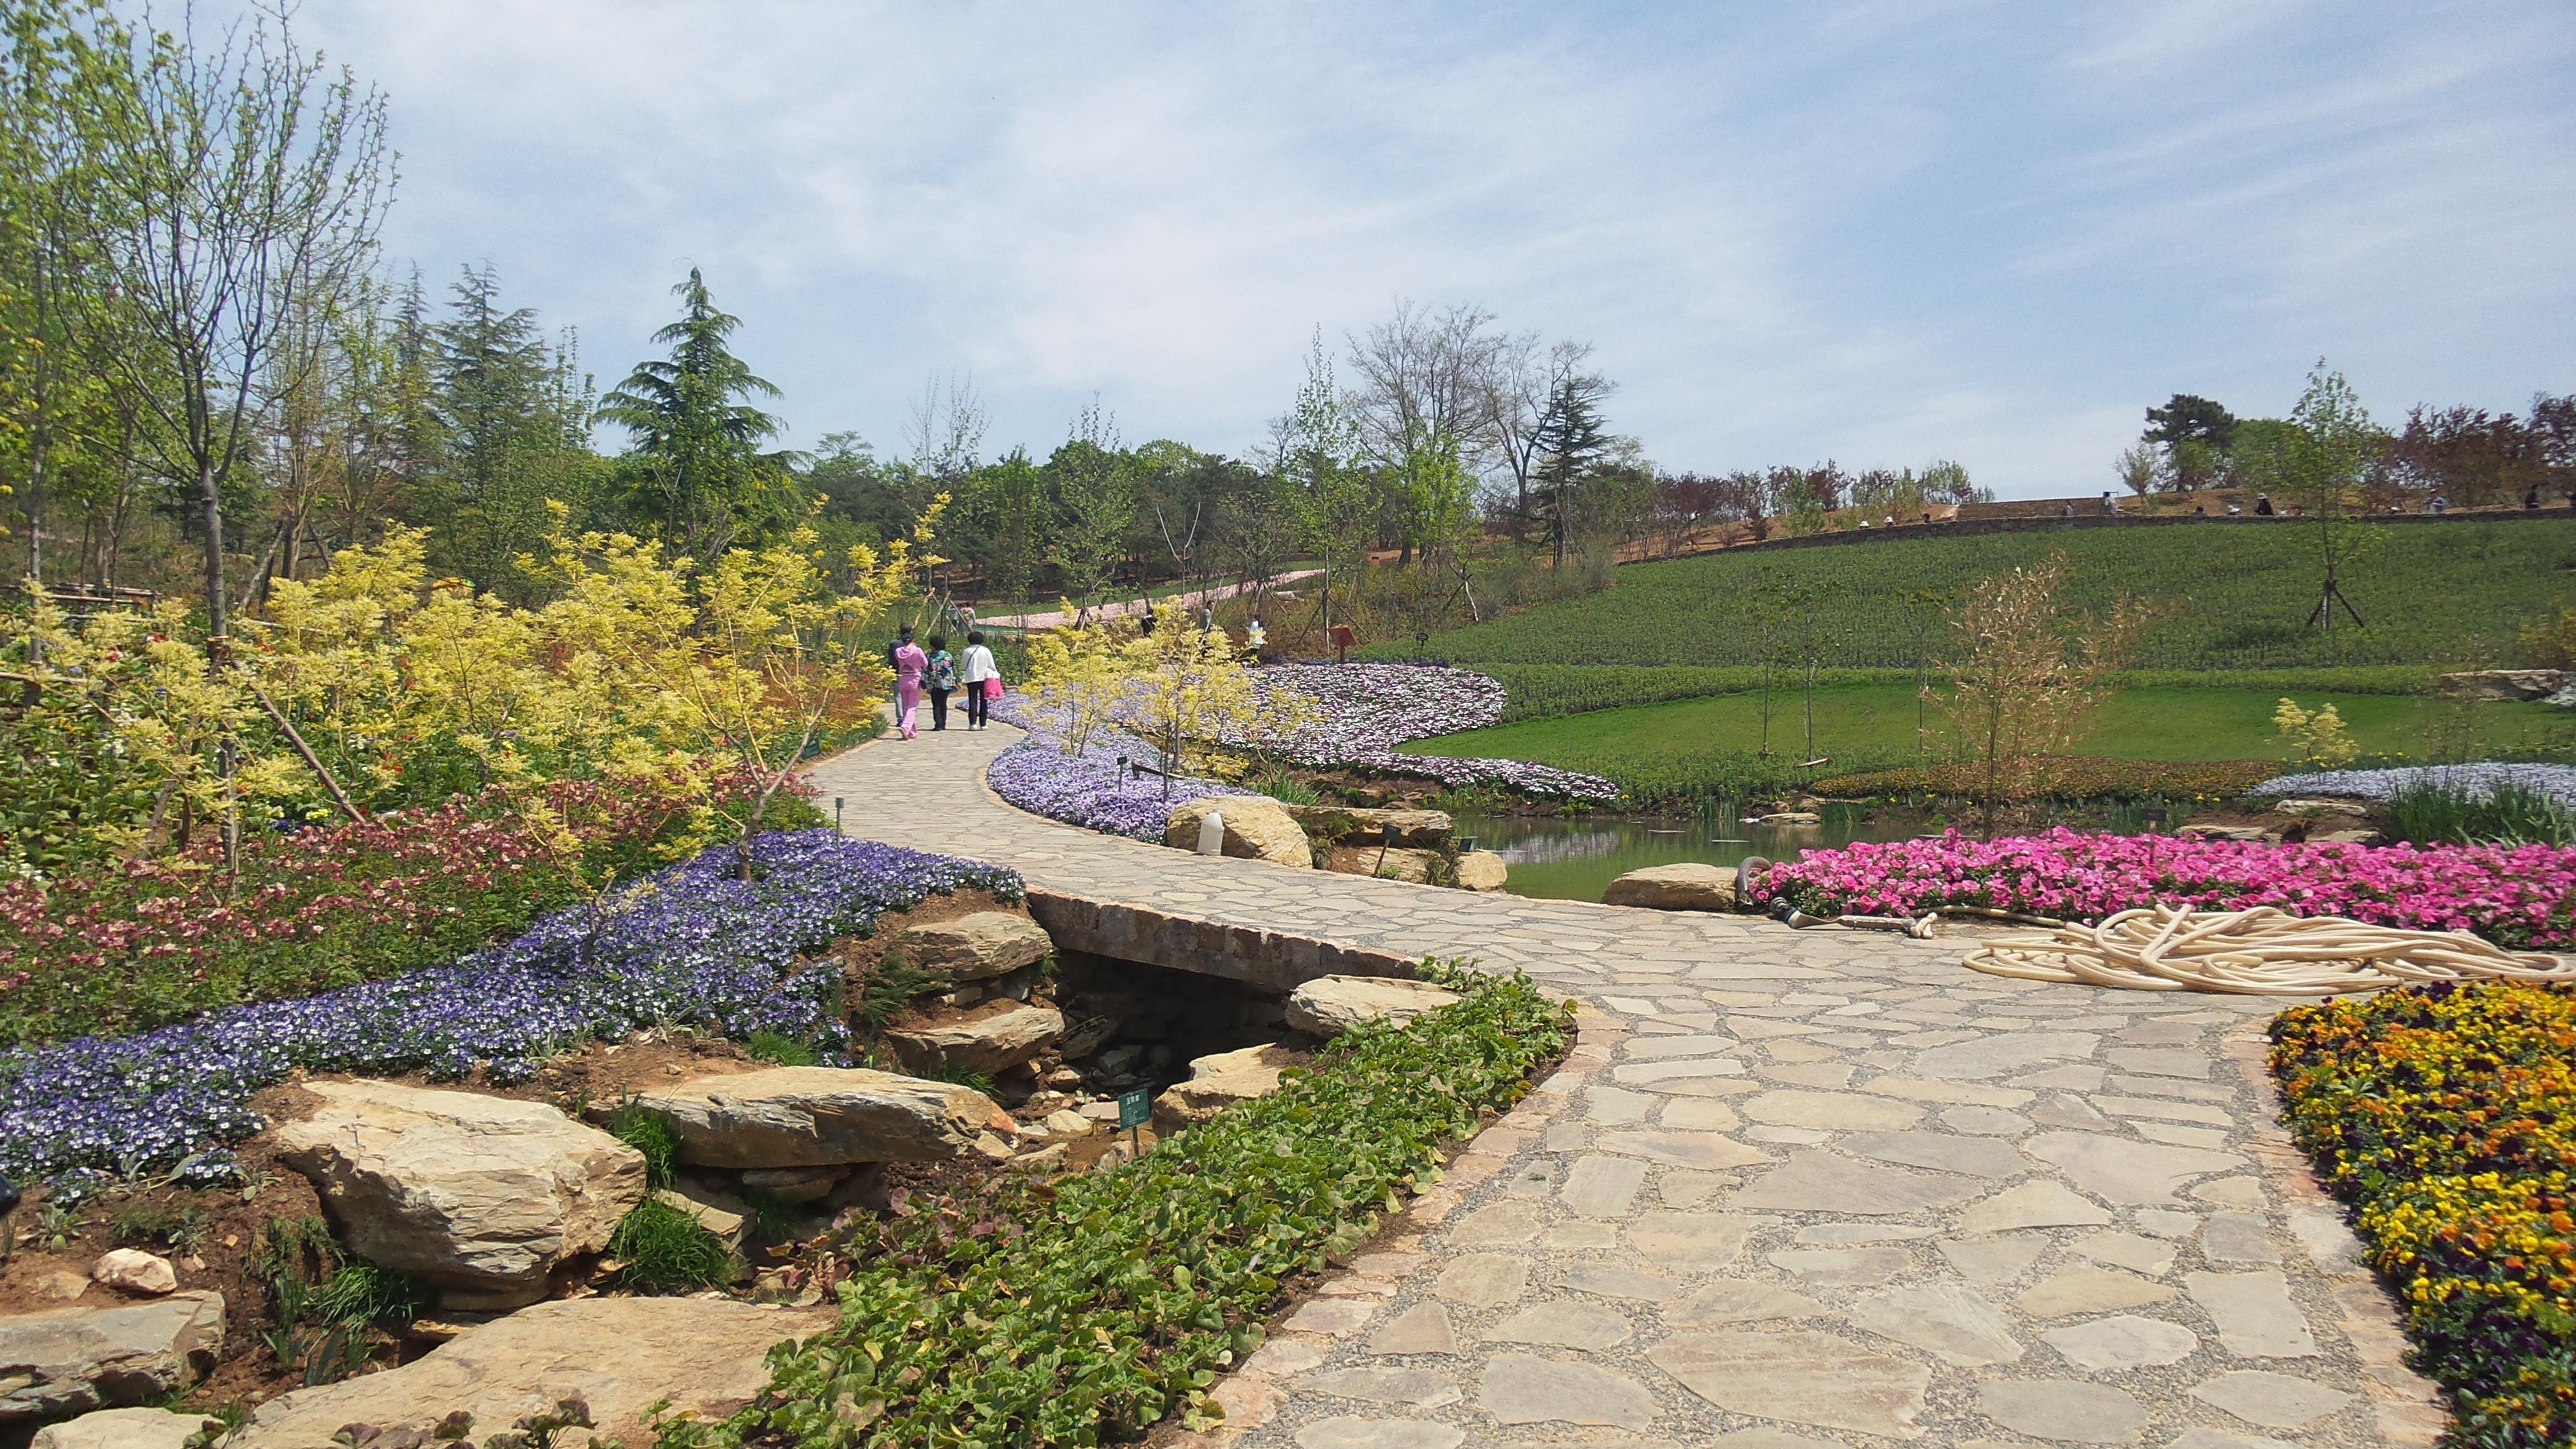 大连旅顺英歌石植物园